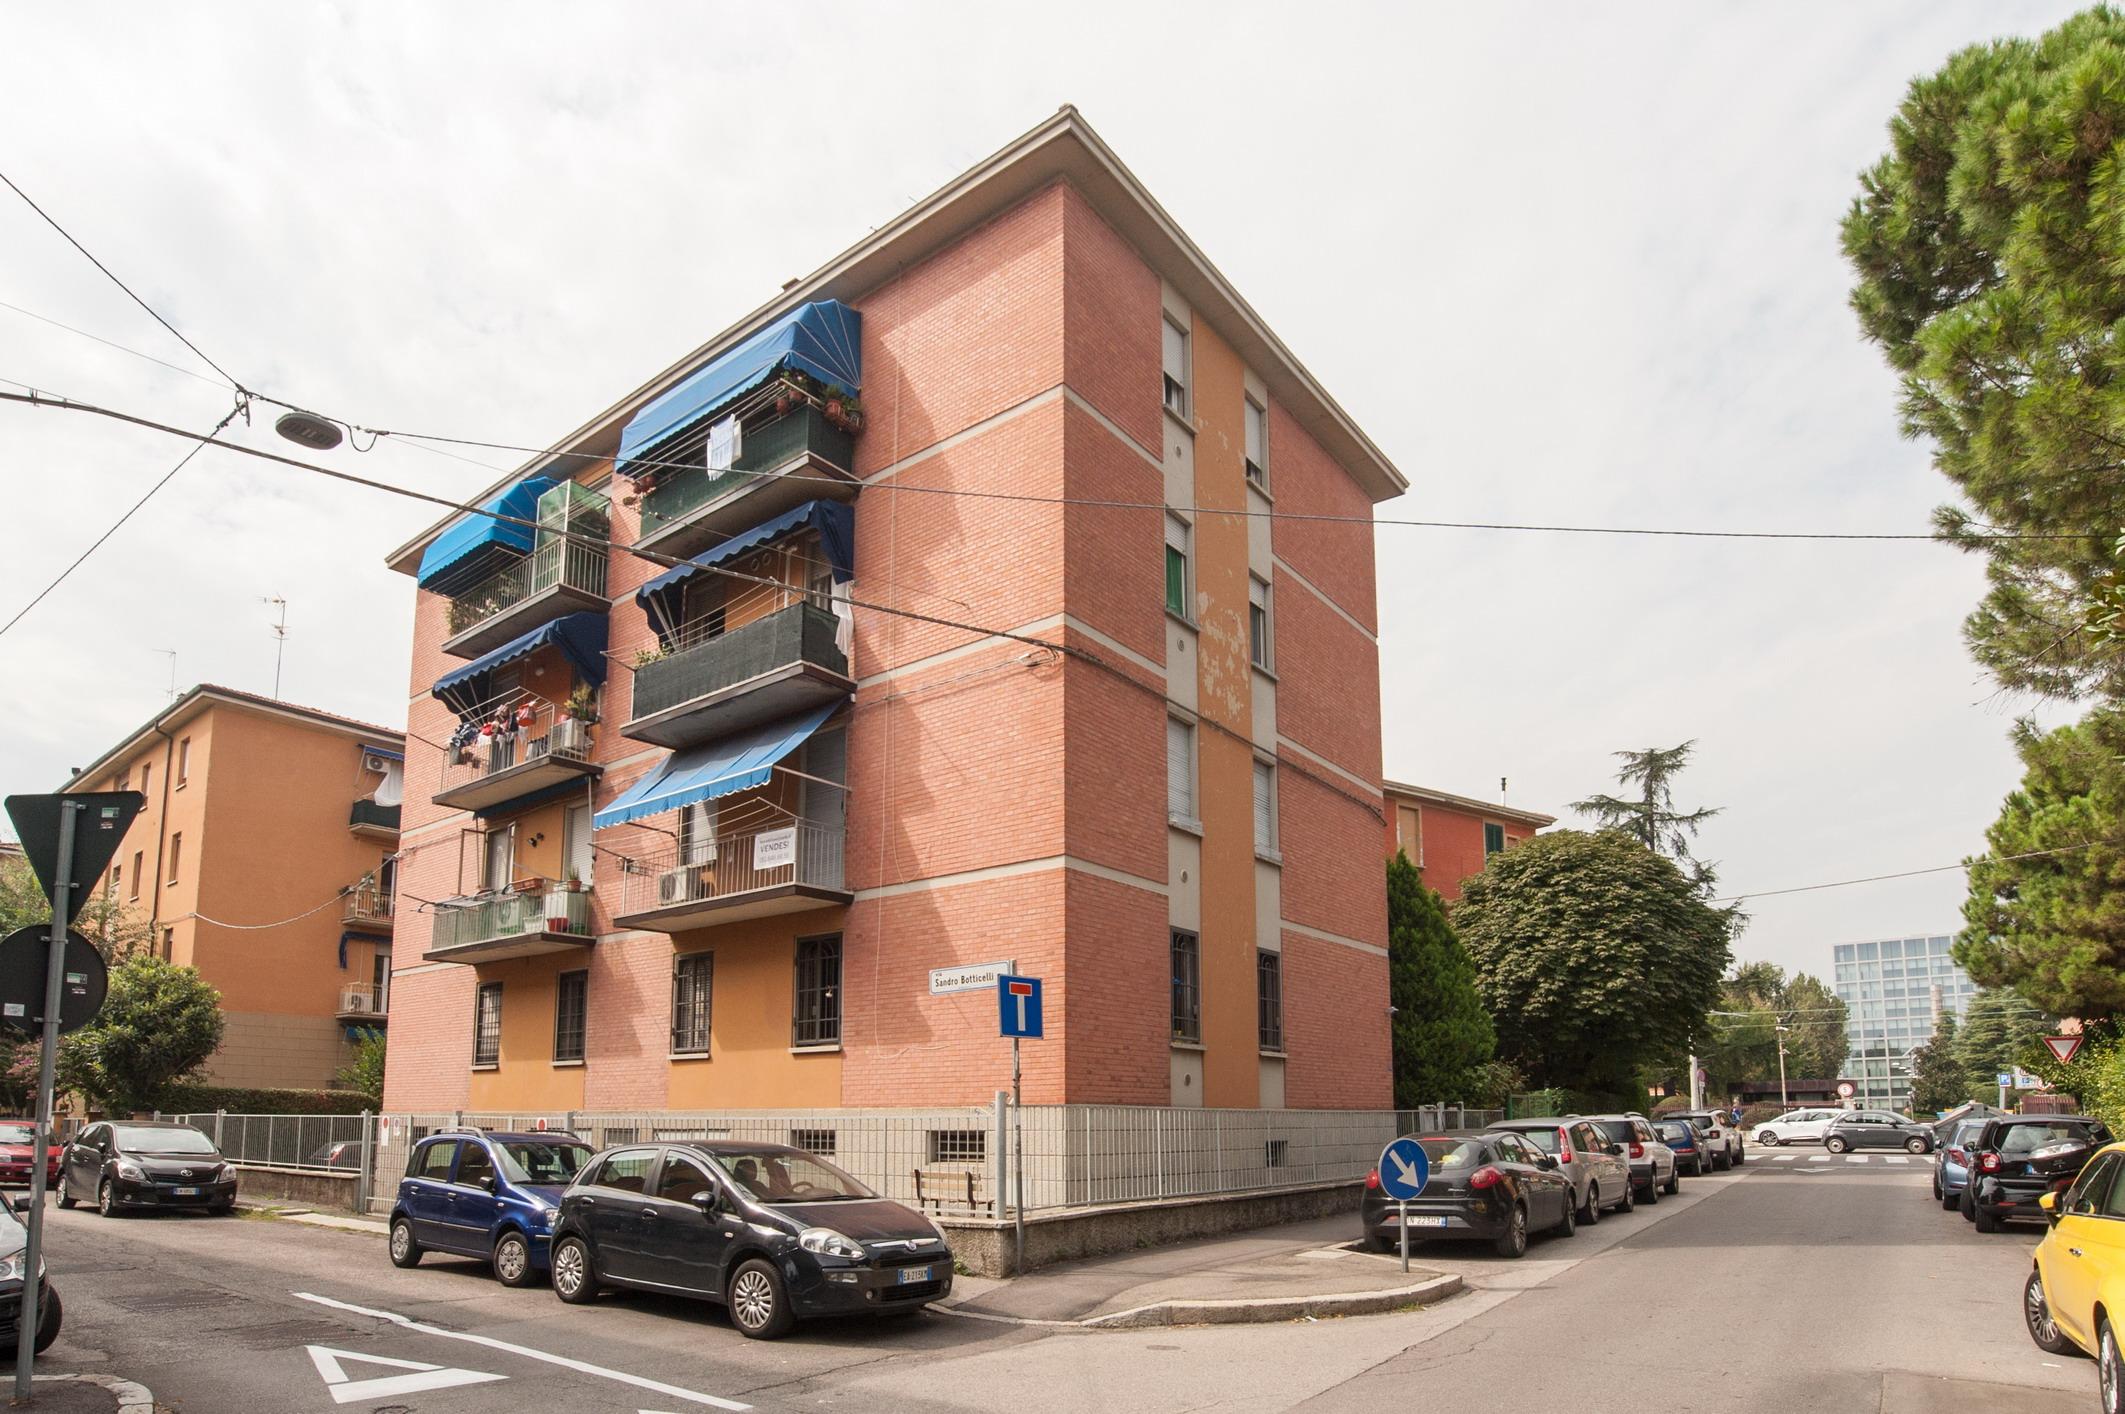 Via Melozzo da Forlì 95 mq.  199.000